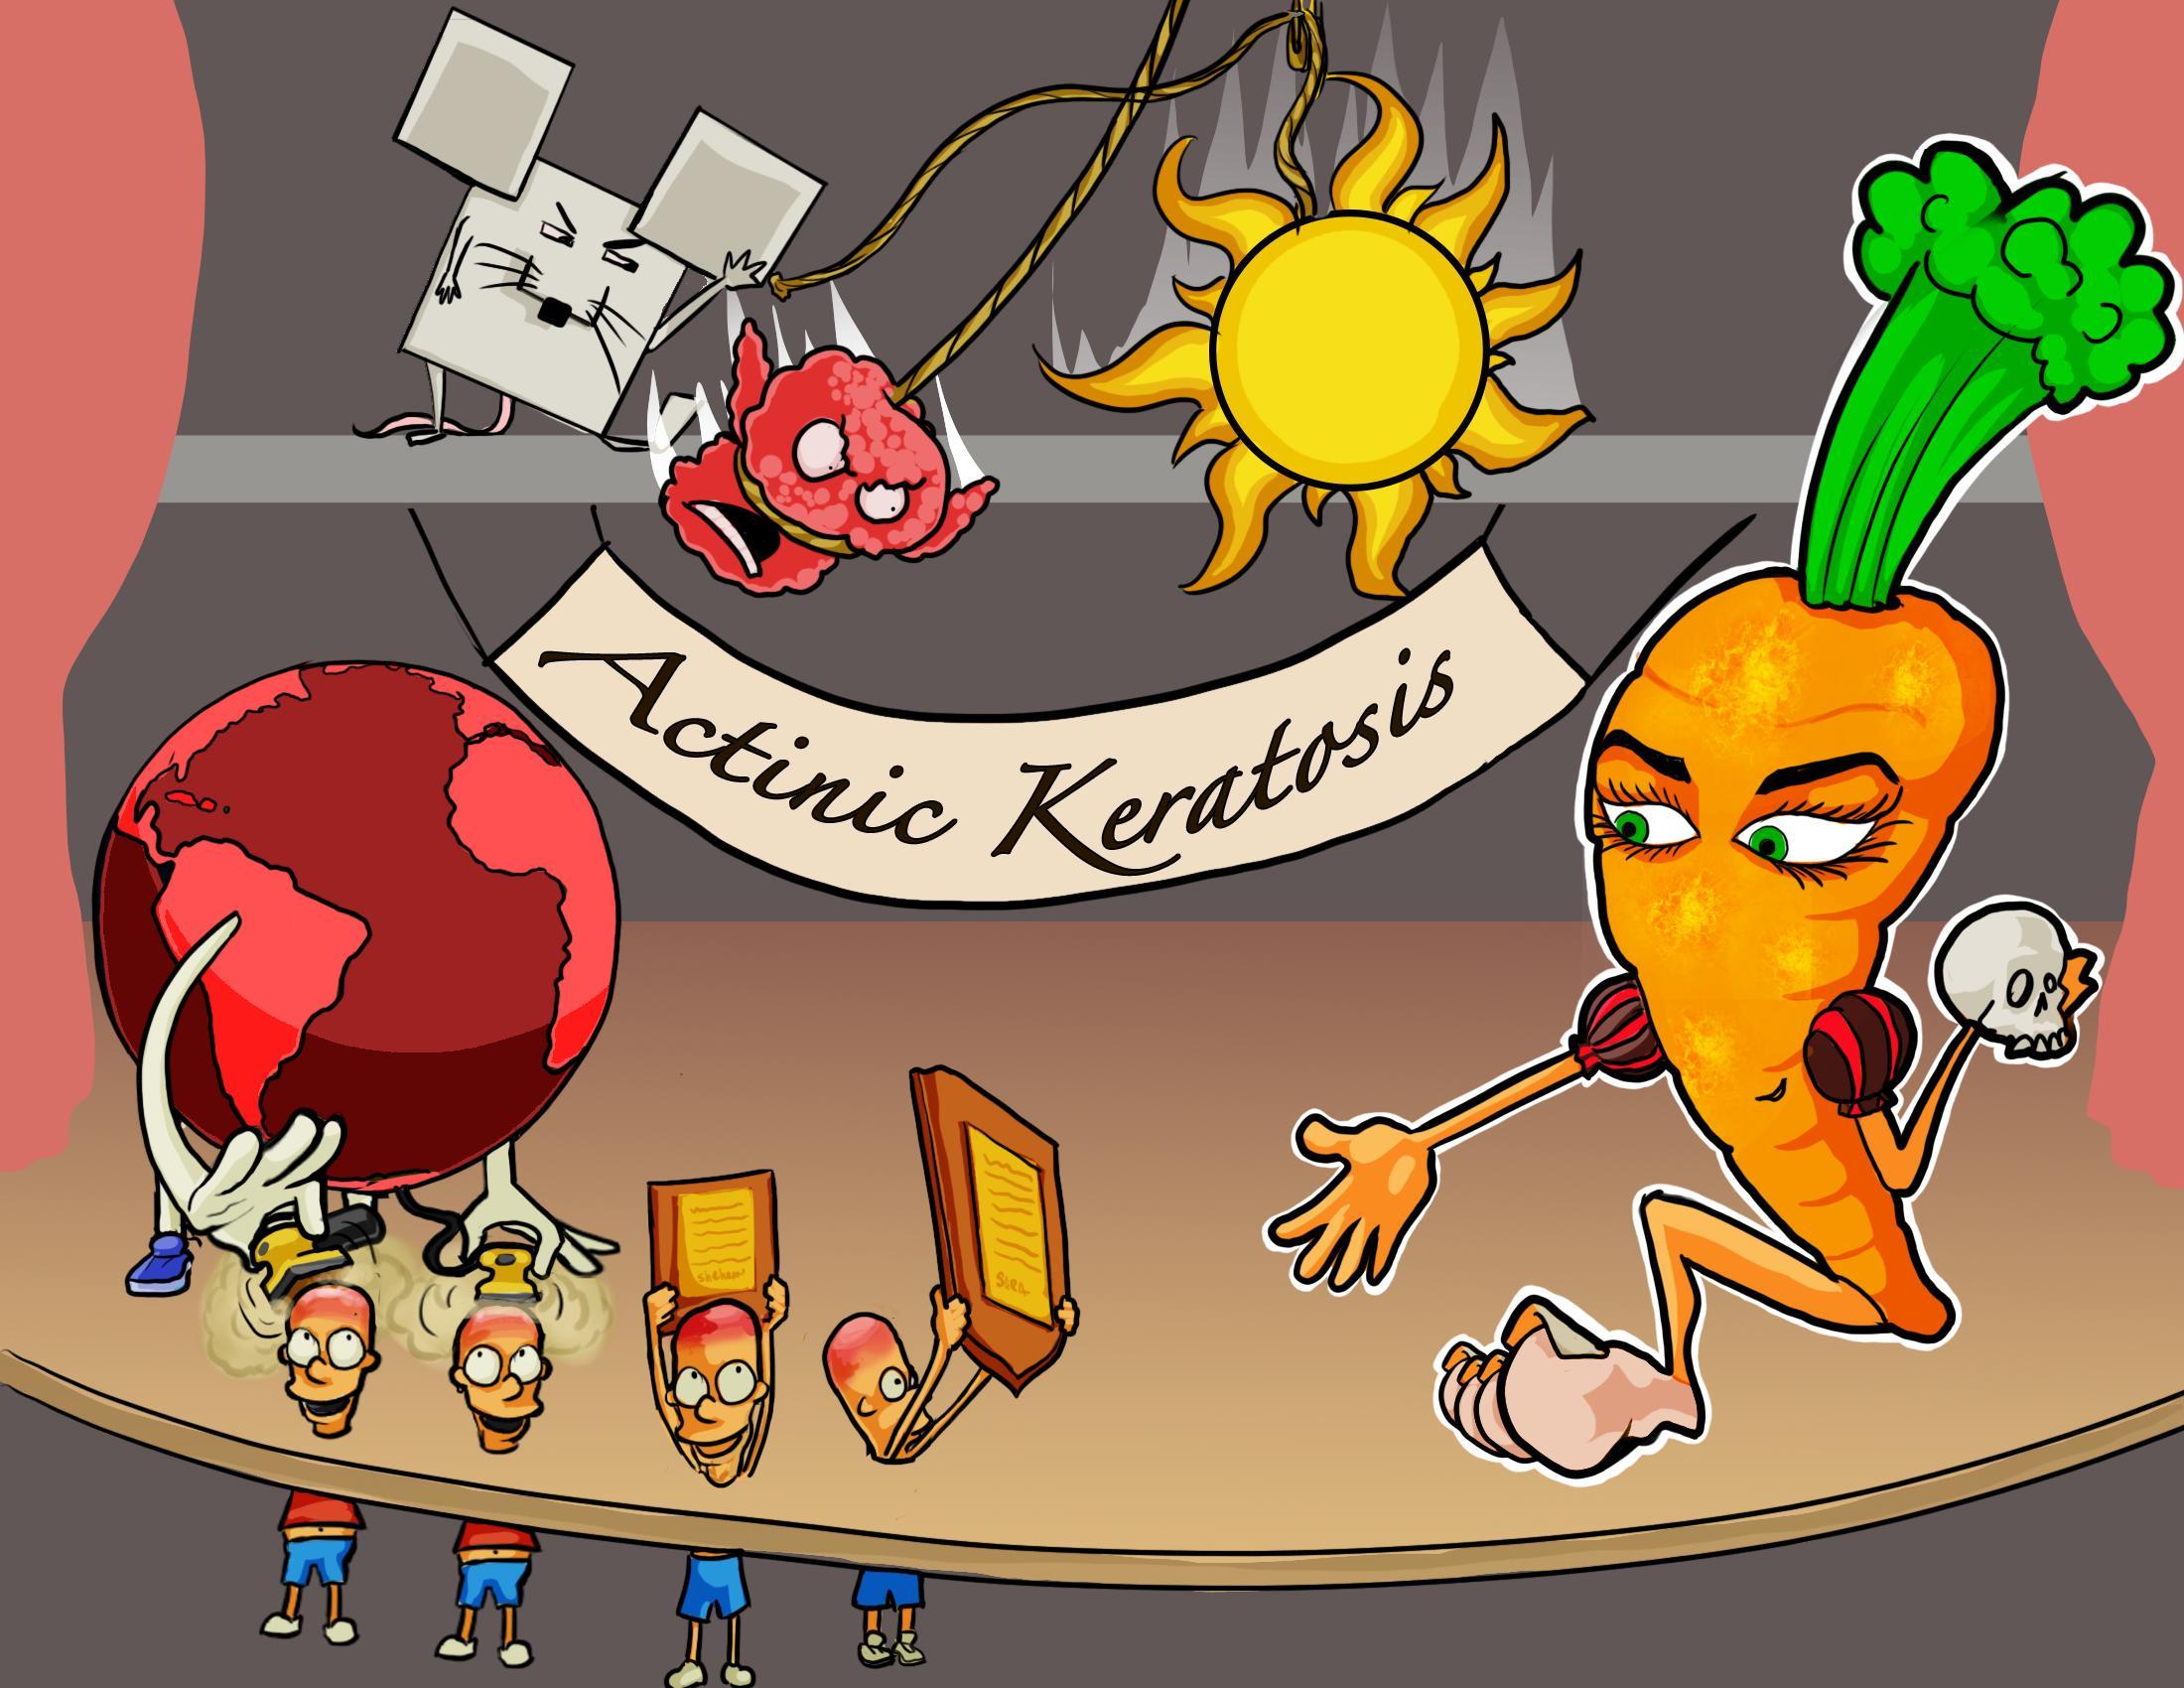 Actinic Keratosis